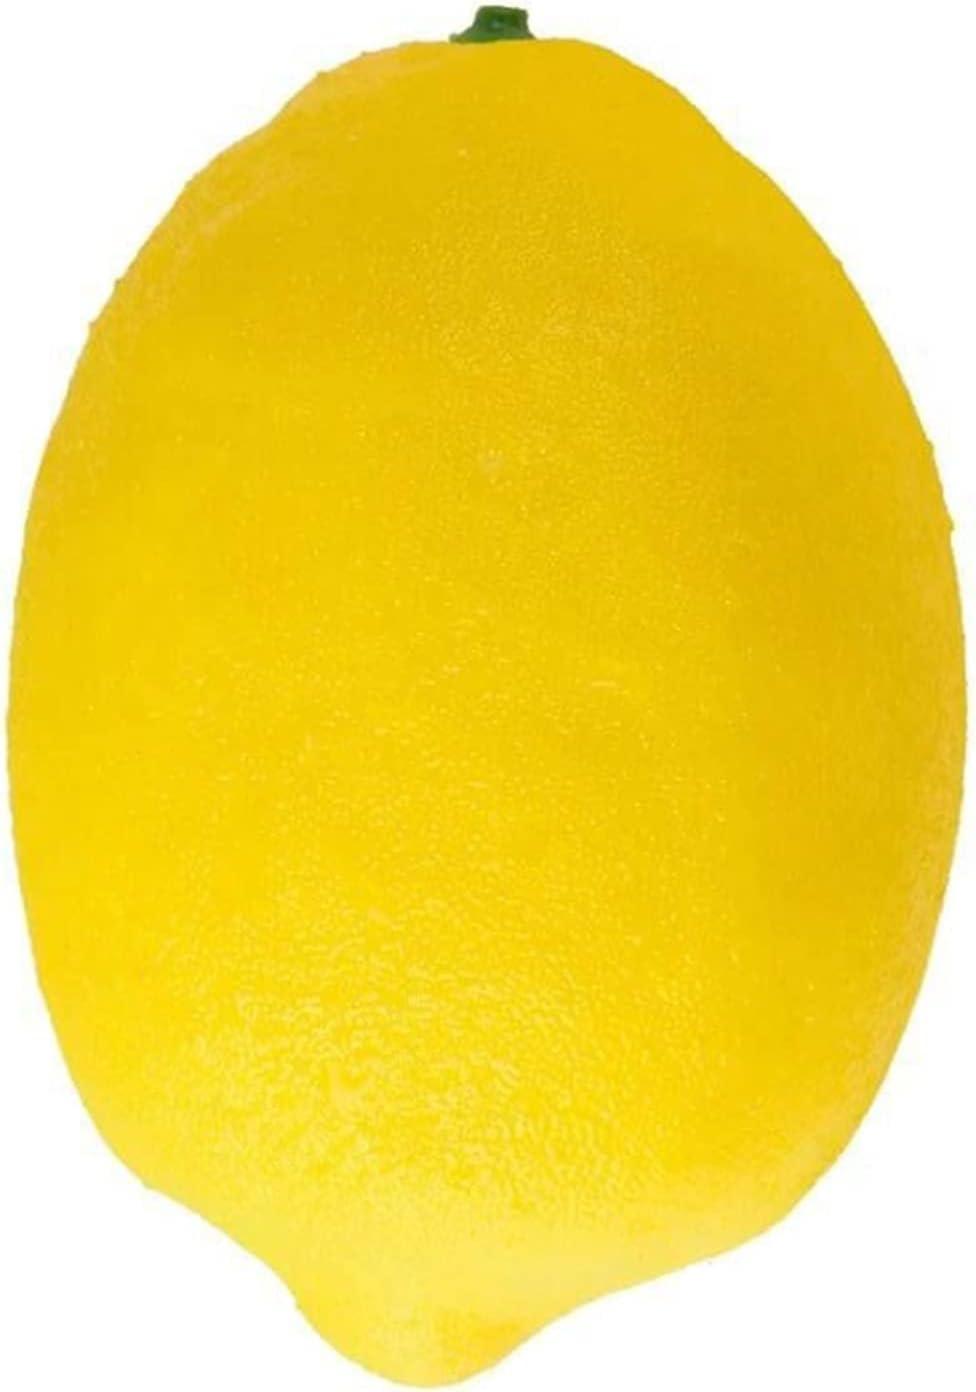 JSJJEDC Artificial Fruit Lifelike Lemon Max 53% OFF Fake Charlotte Mall Im